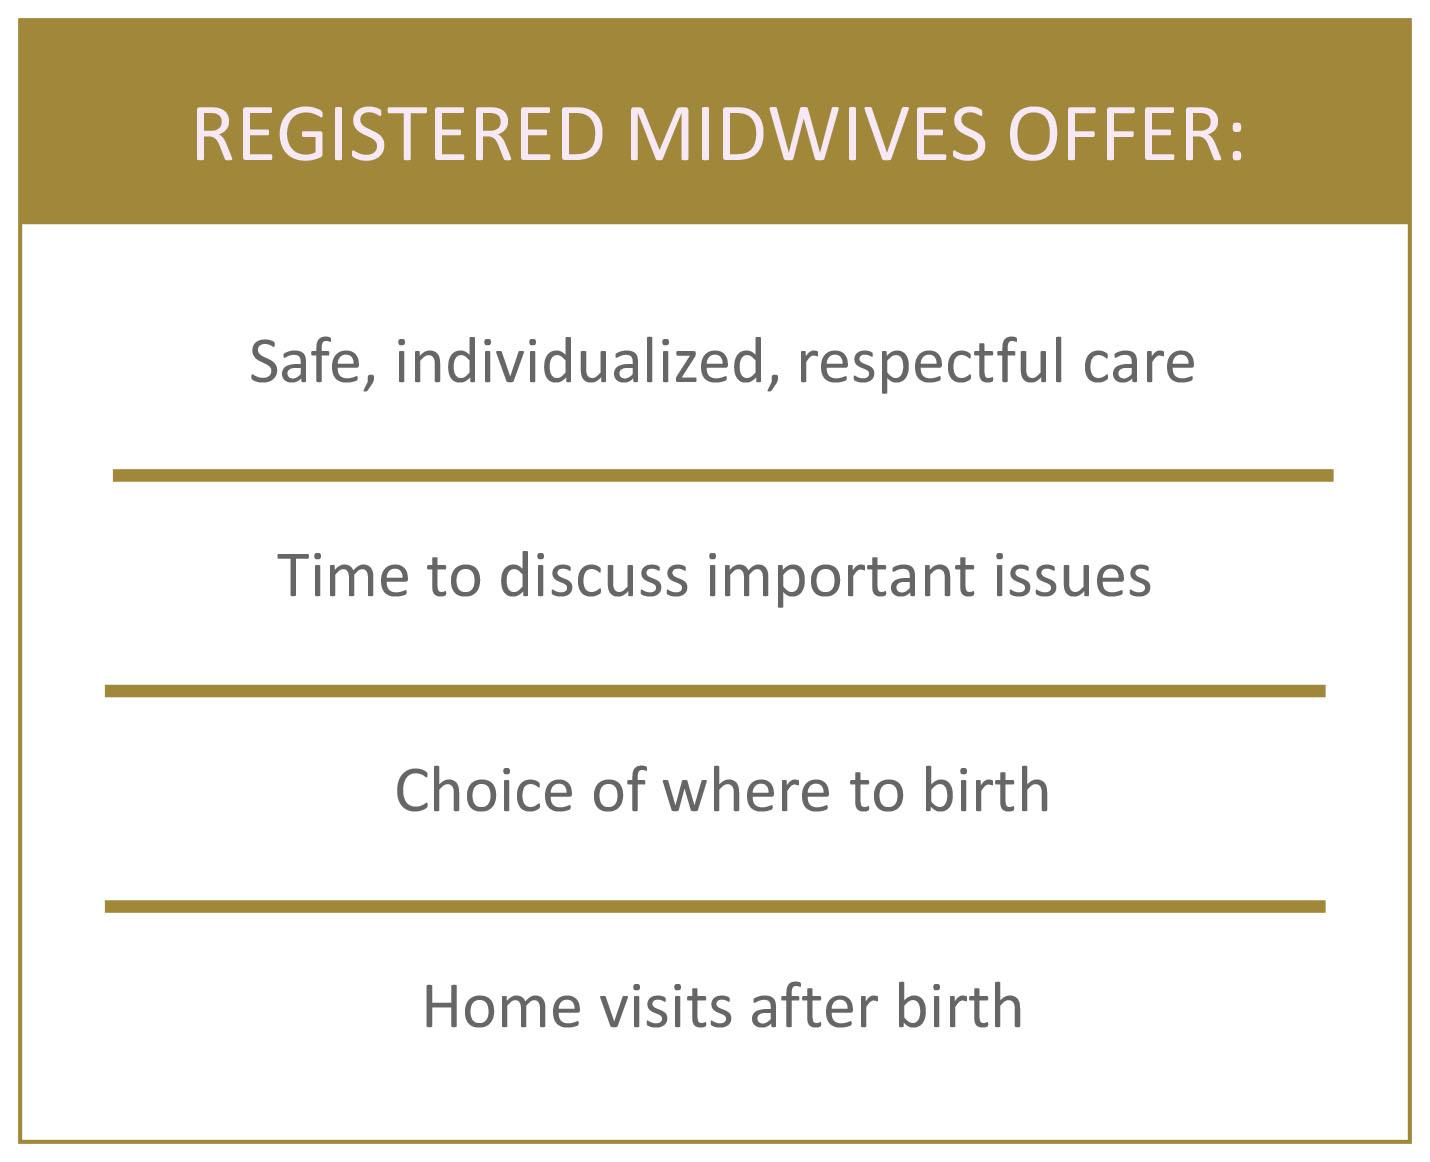 Midwives_offer_-_2.jpg